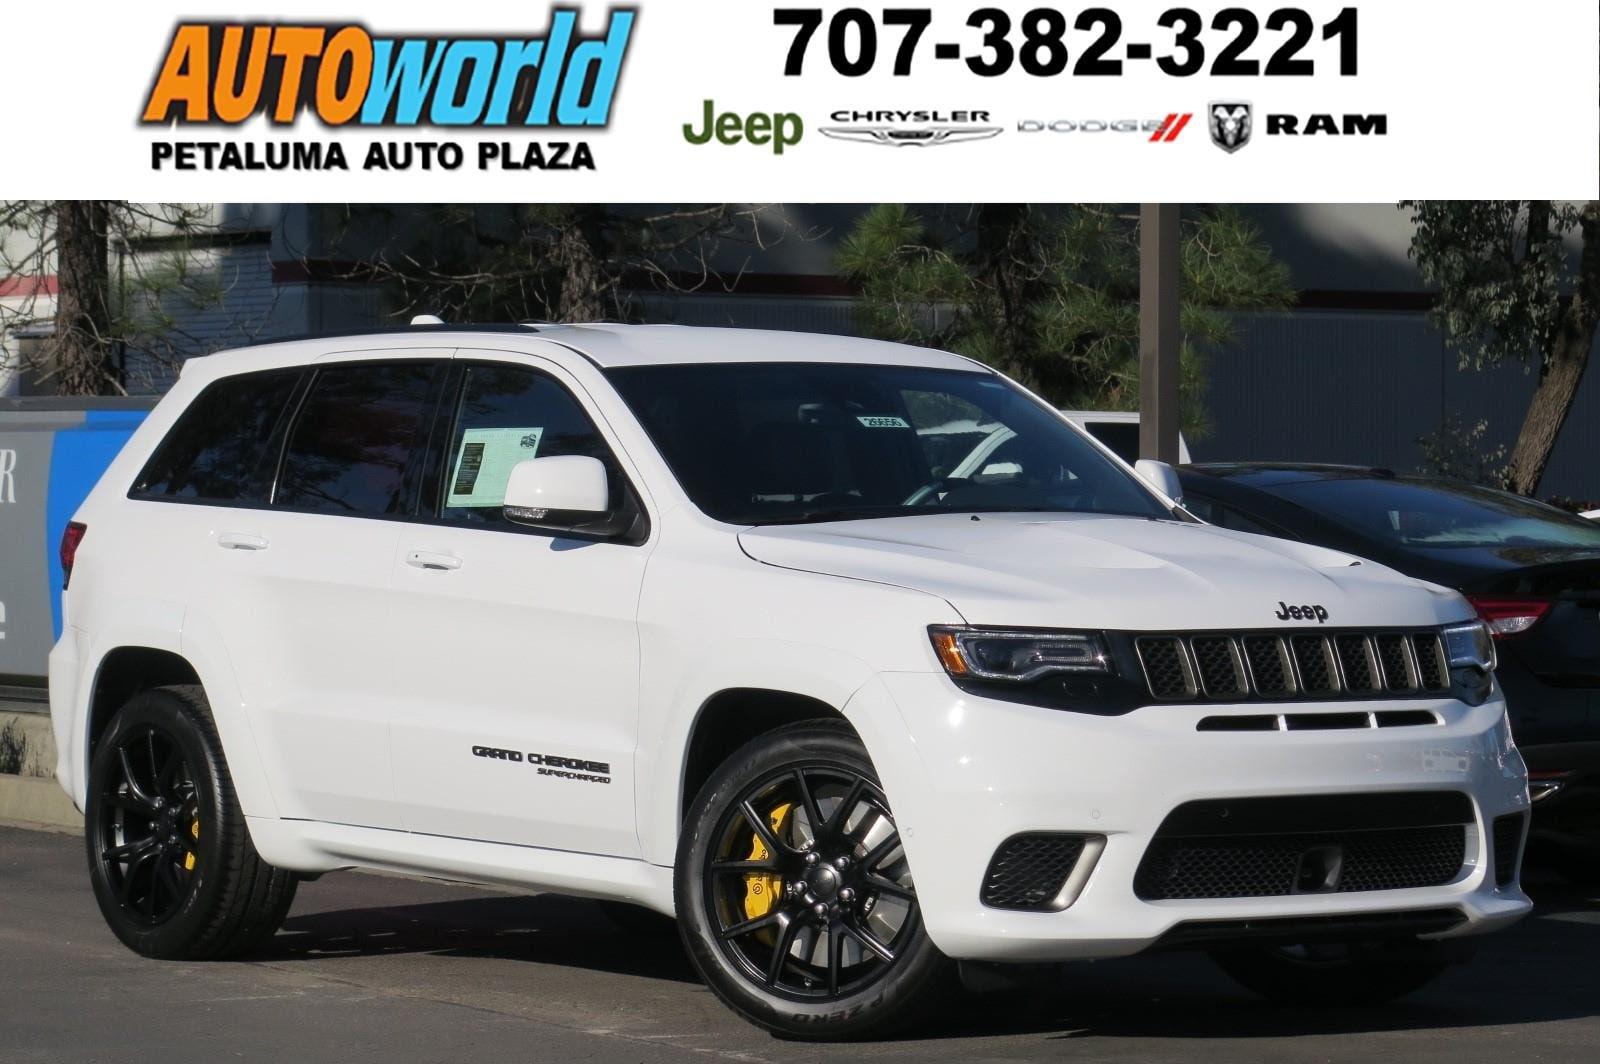 New 2018 Jeep Grand Cherokee Trackhawk 4x4 In Petaluma Ca Vin Penfed Wiring Instructions 1c4rjfn9xjc332011